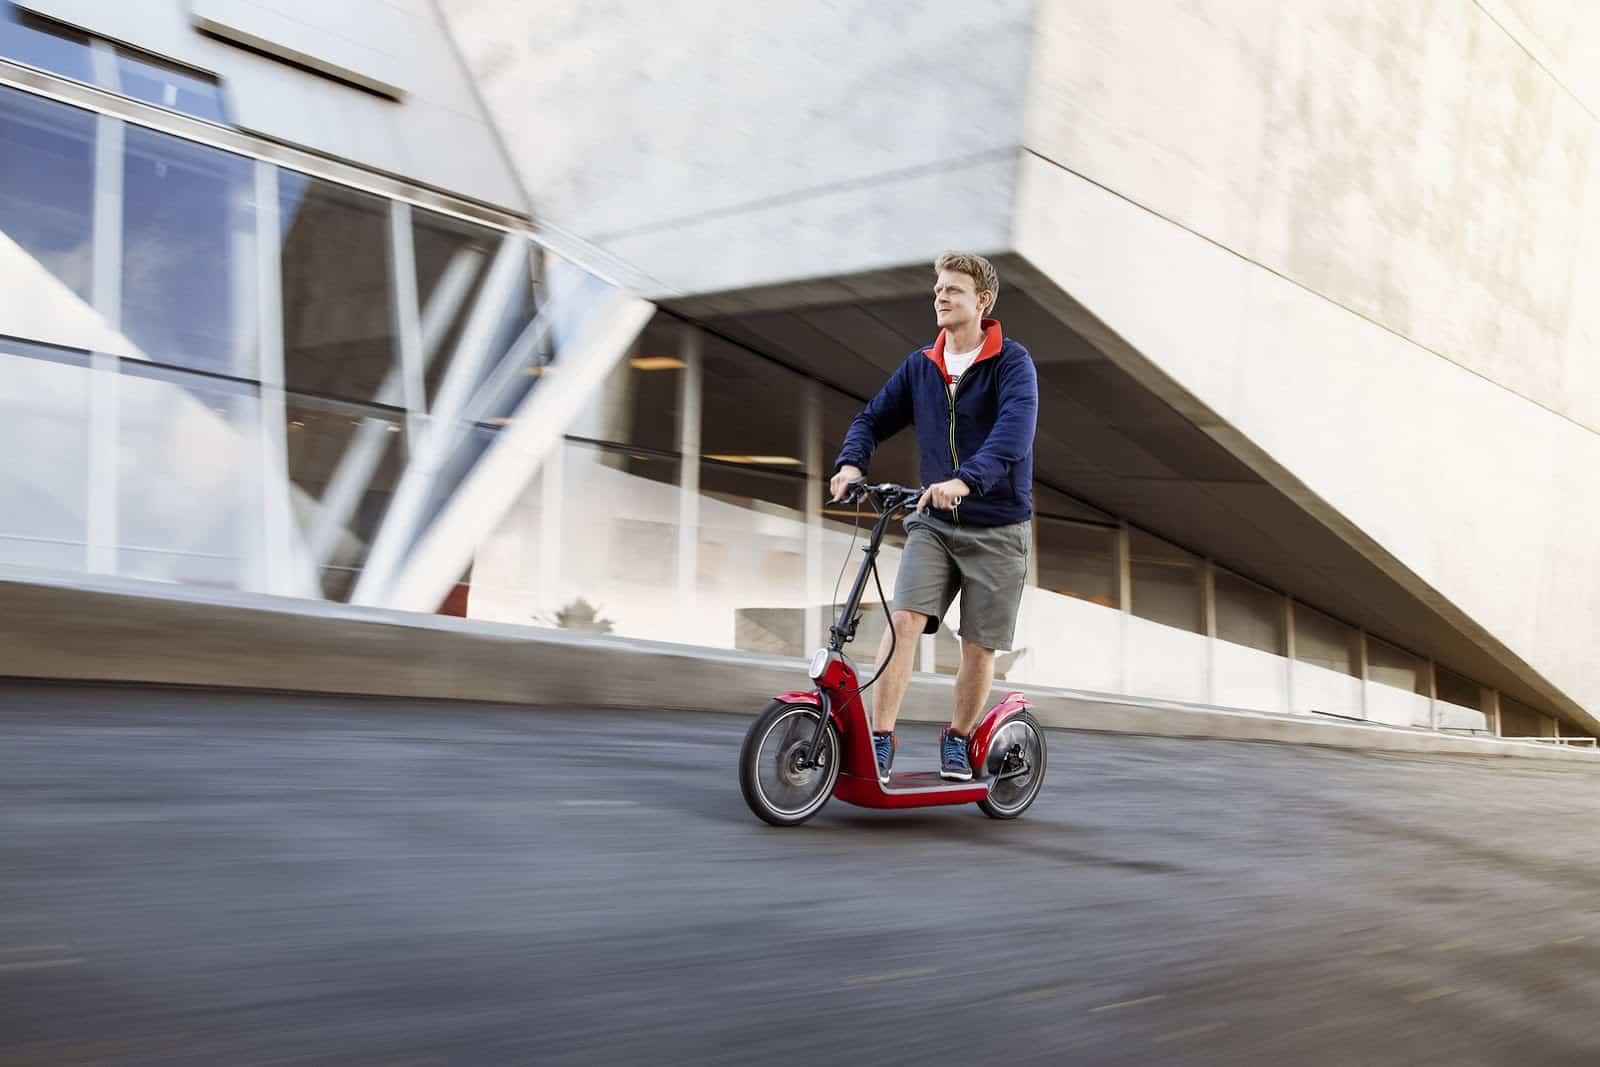 Razor Electric Scooter >> Elektrische step kopen gids - Eenwieler kopen